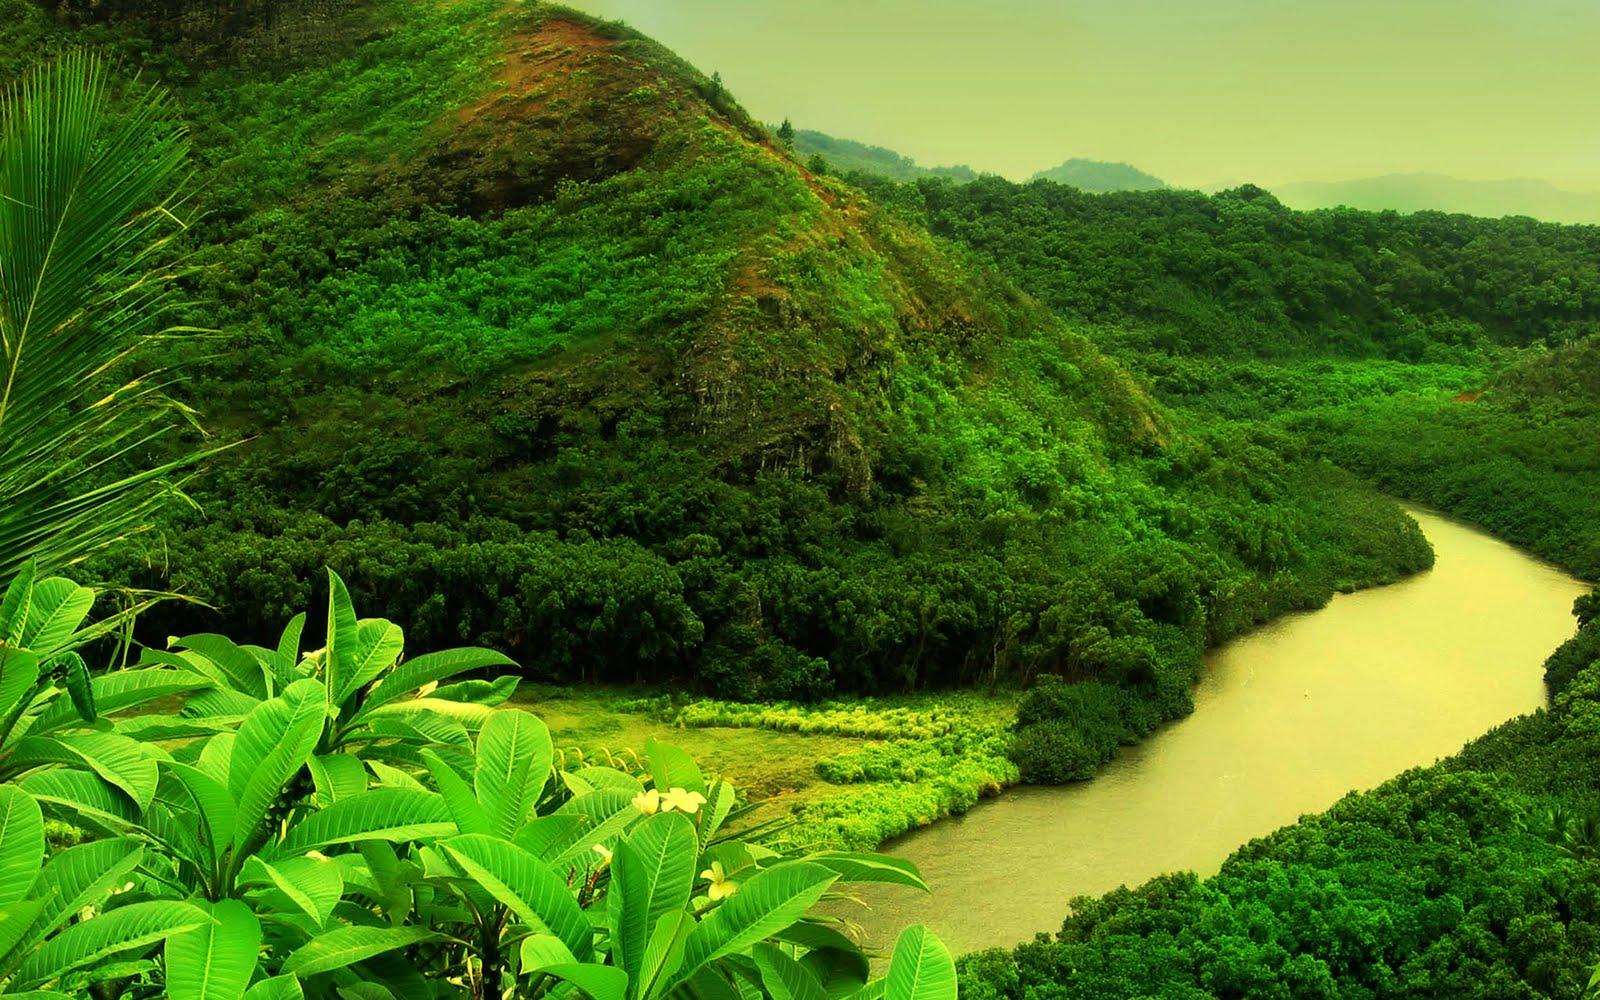 Hd wallpaper jungle - Jungle Forest Hd Wallpapers Photos Desktop Wallpapers